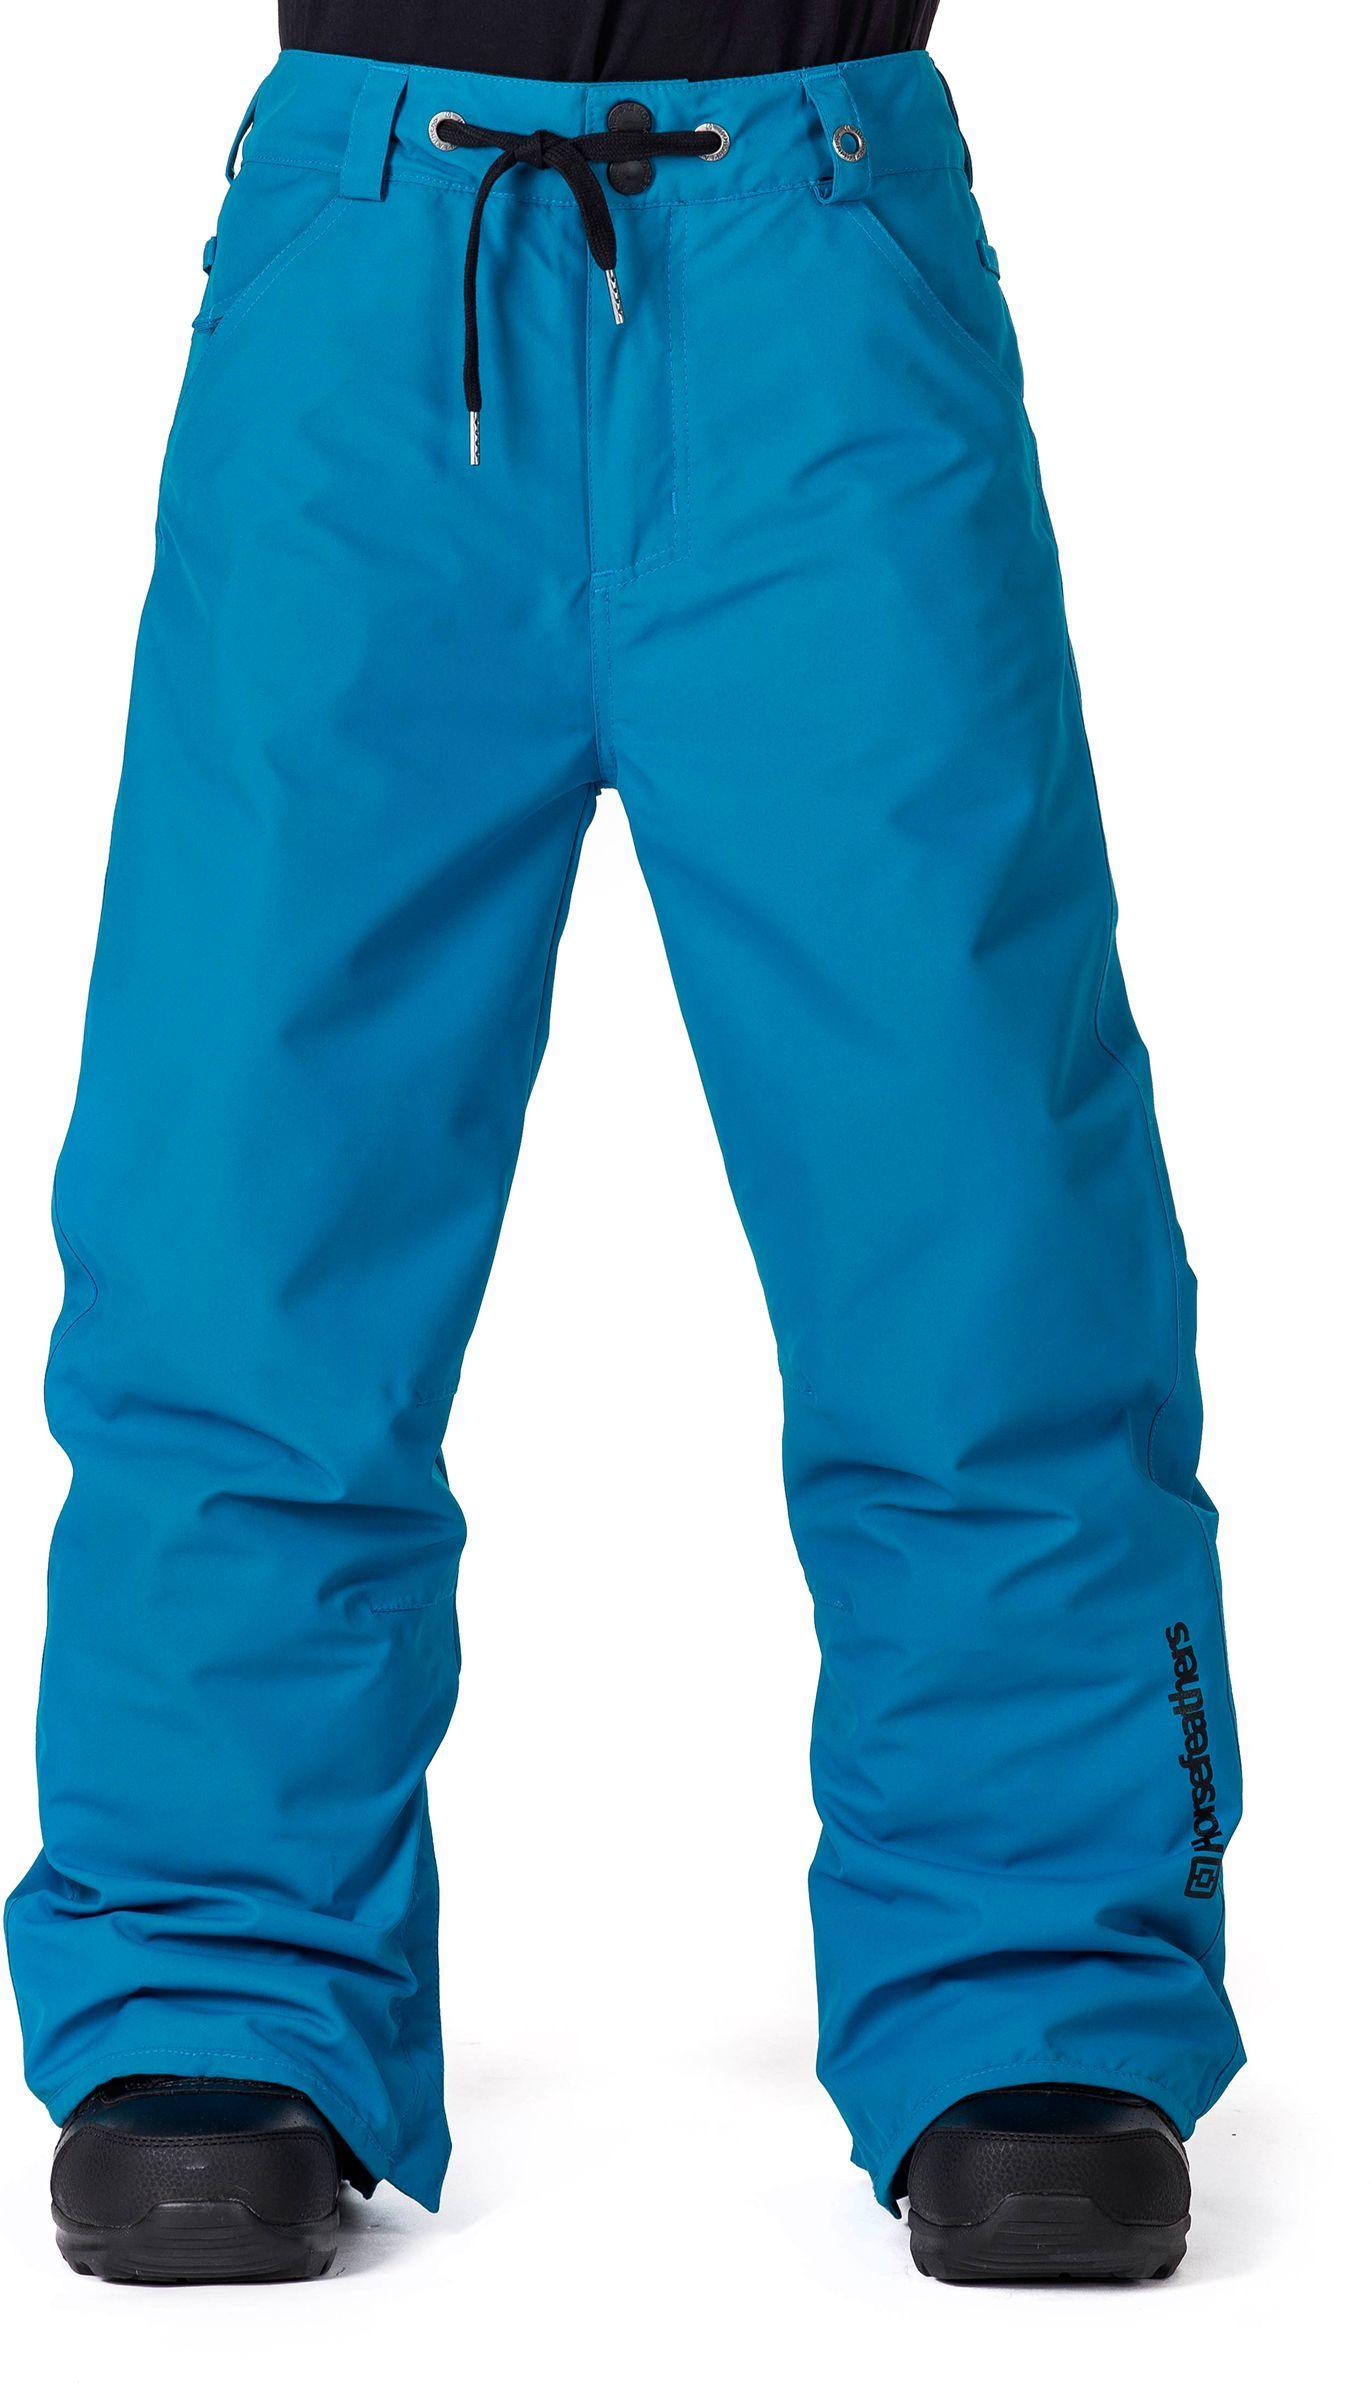 zimowe spodnie dziecięce HORSEFEATHERS CHEVIOT KIDS PANTS (blue)